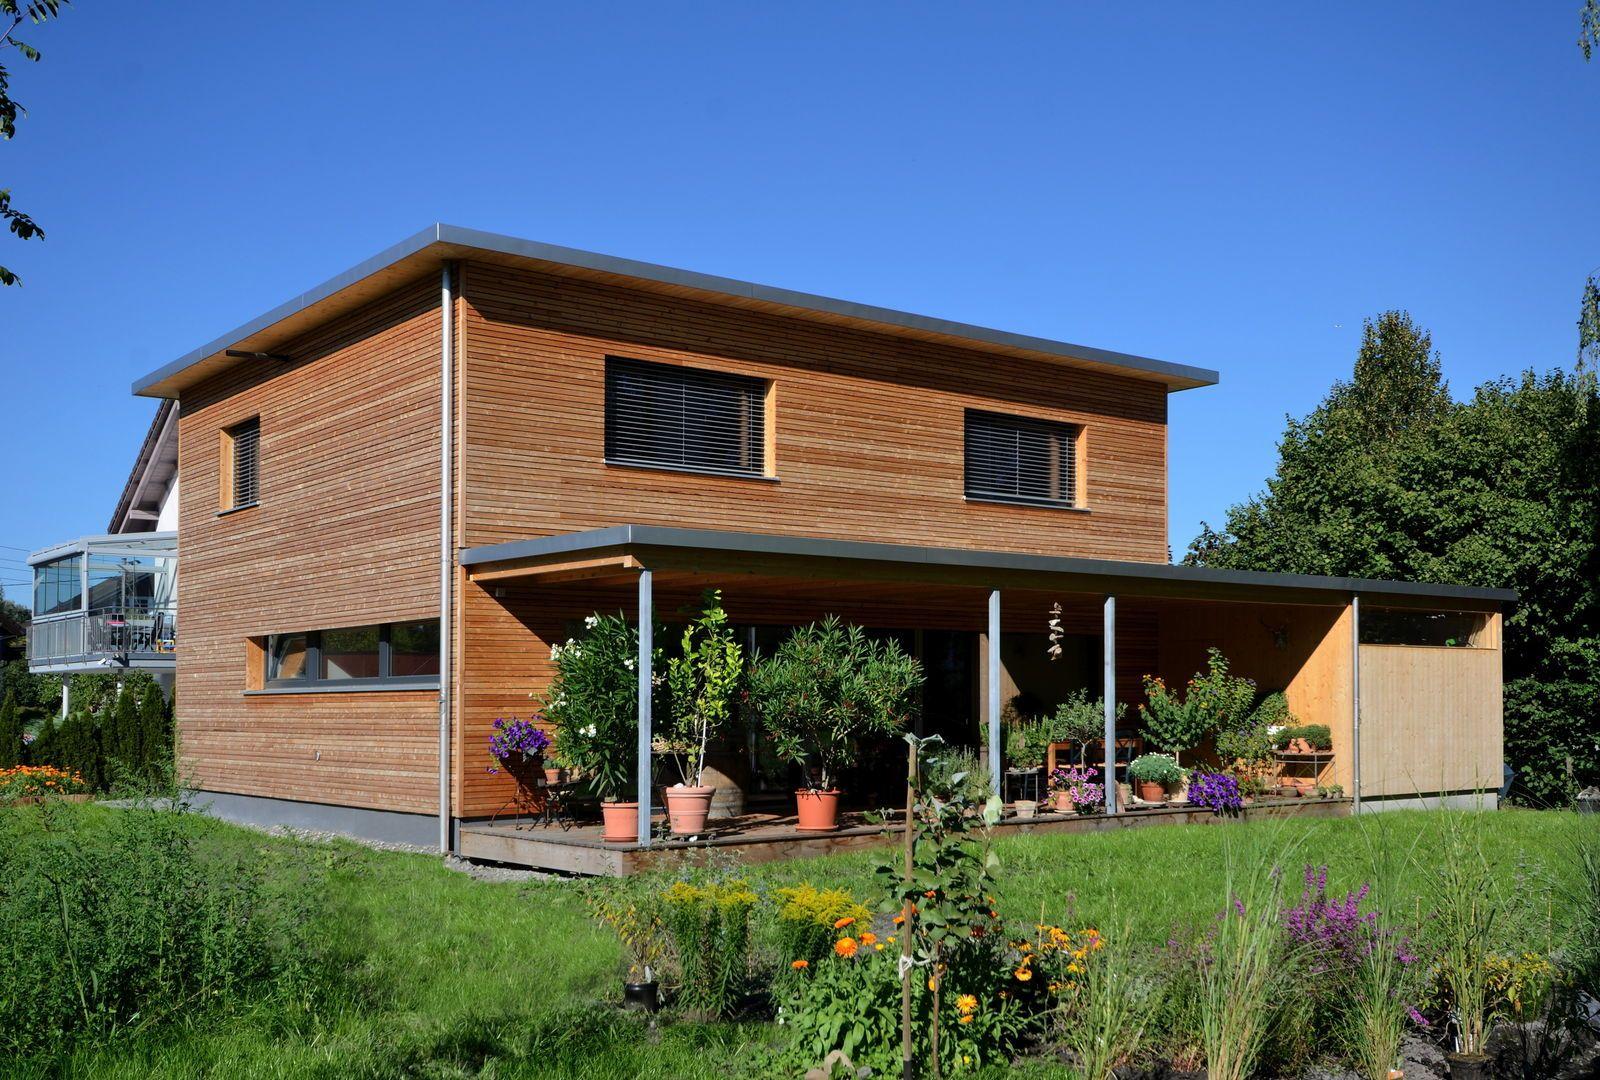 Einfamilienhaus lustenau vorarlberger holzbaukunst - Einfamilienhaus moderne architektur ...